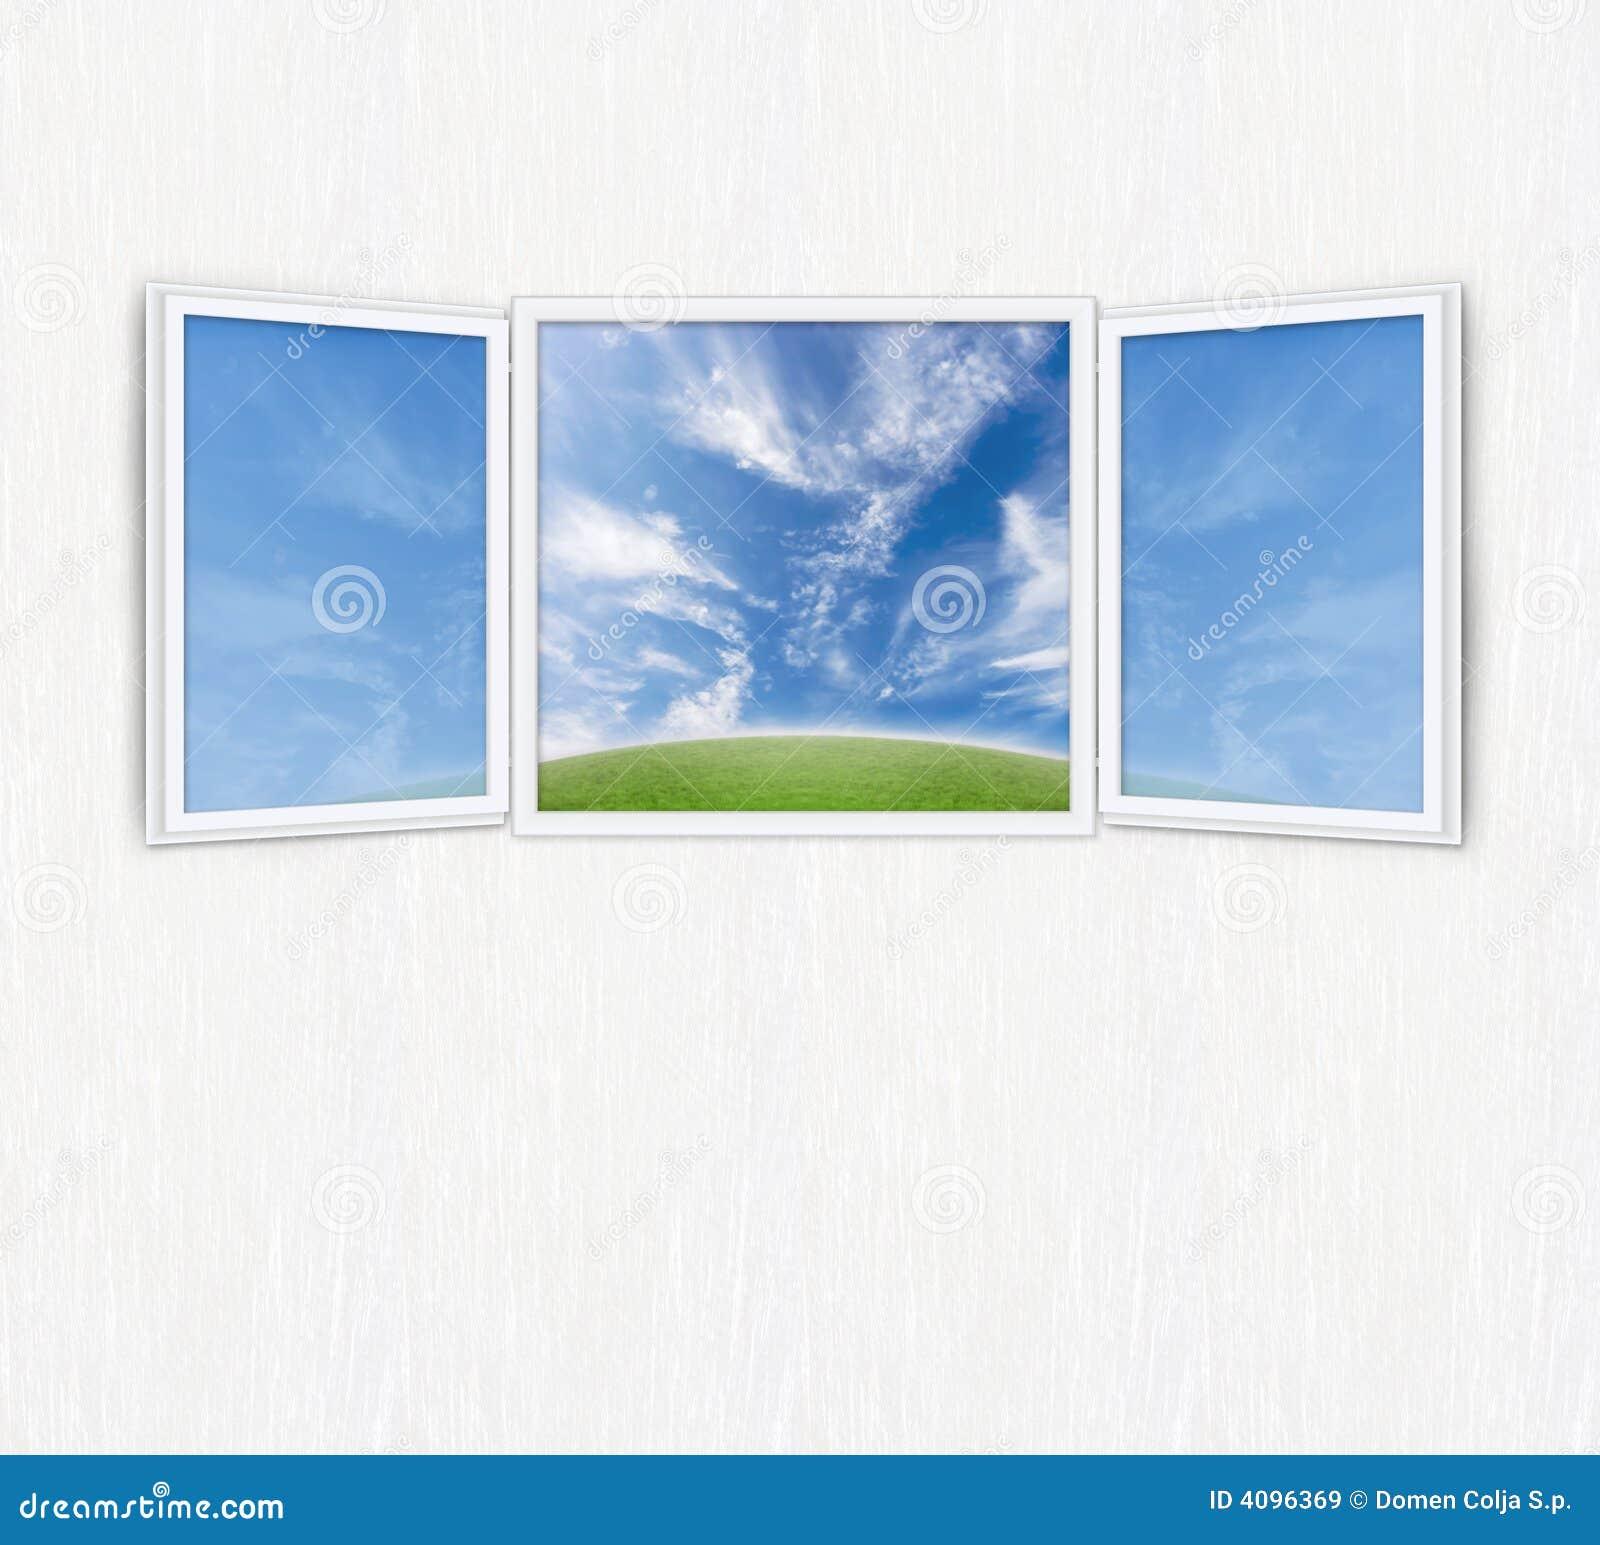 Concetto di libert della finestra aperta for Disegno di finestra aperta